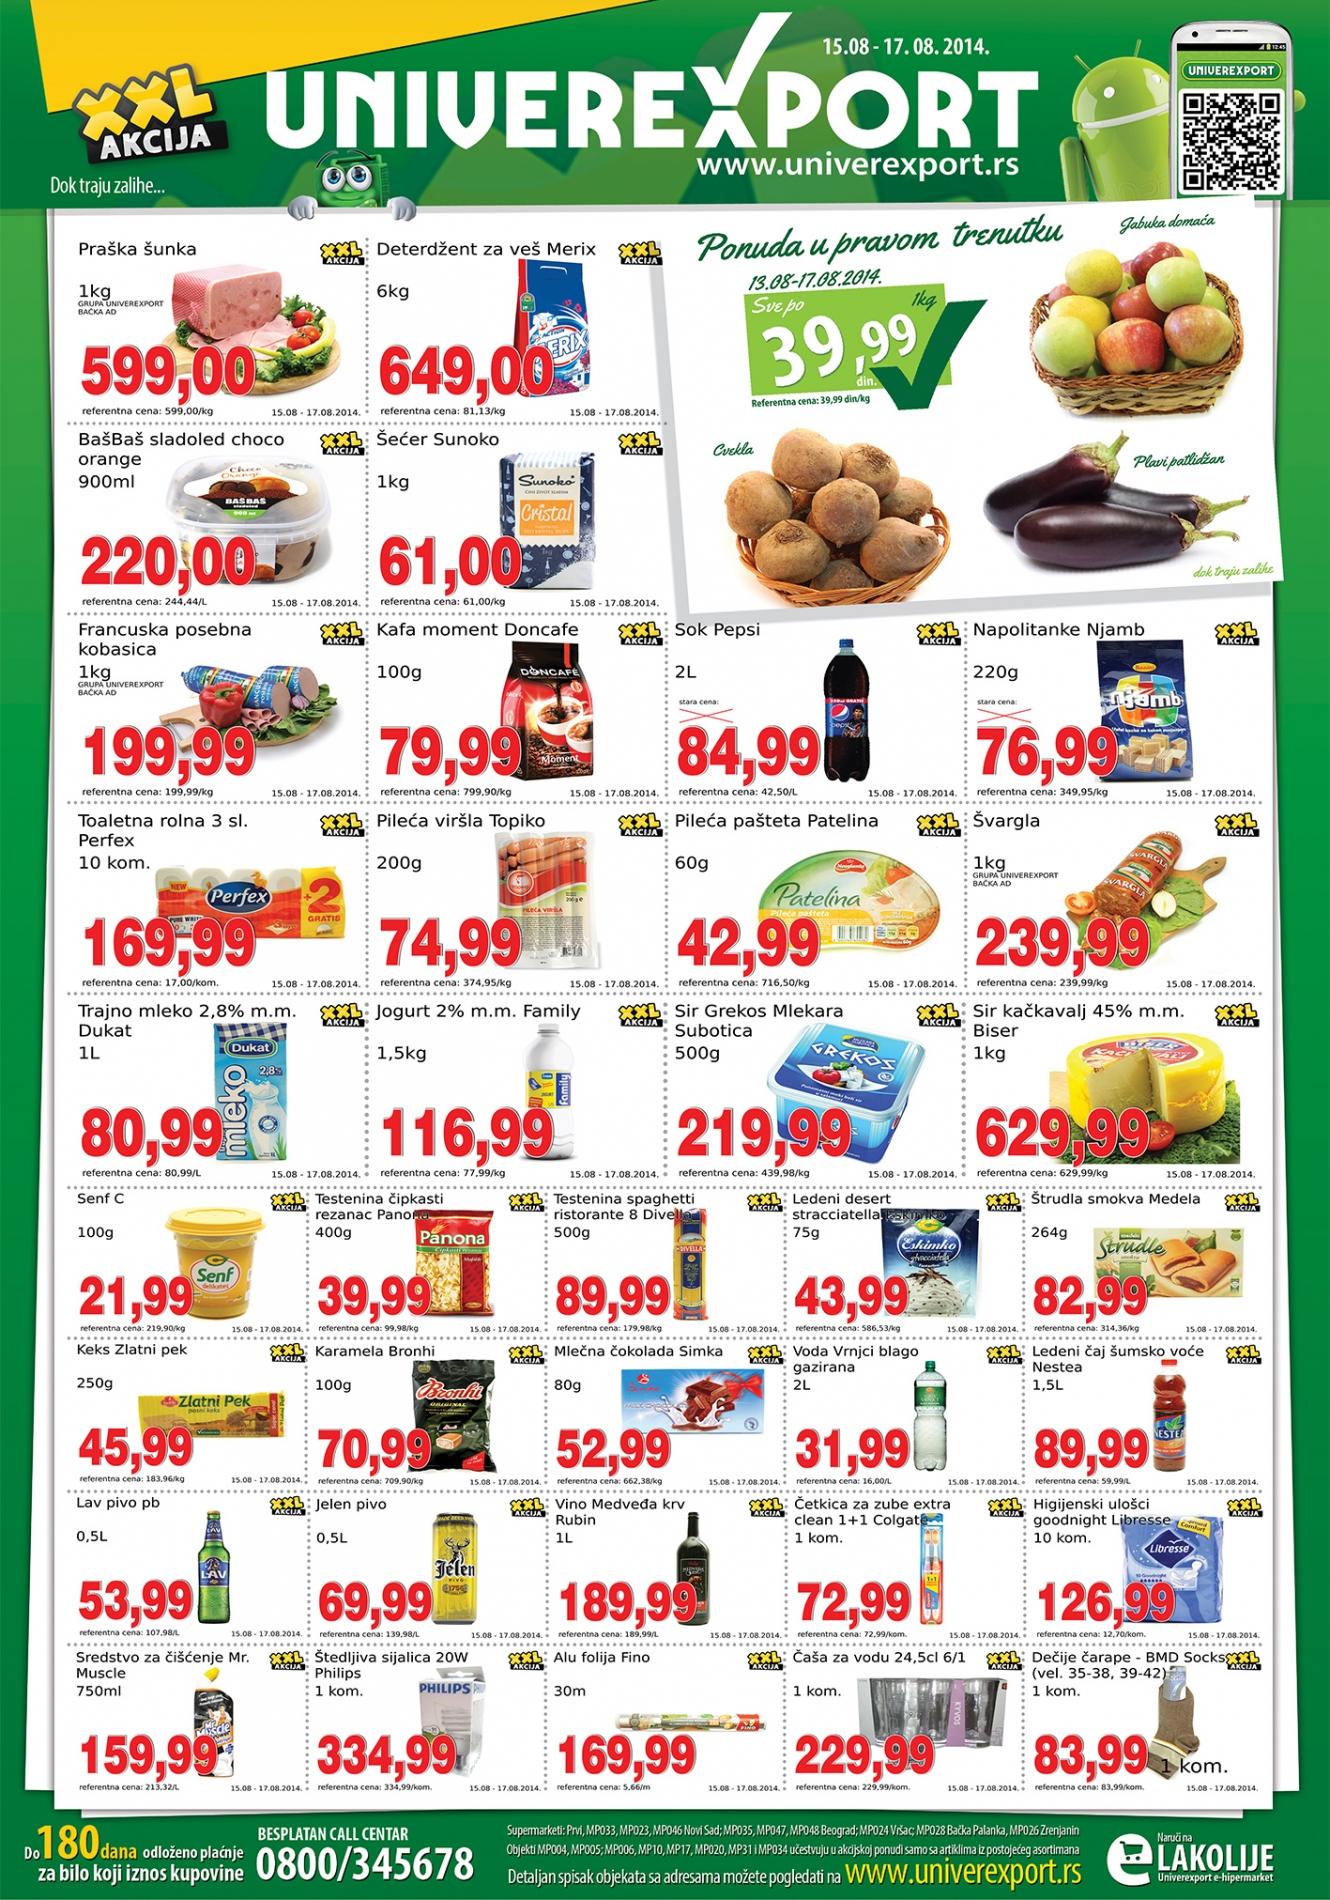 Univerexport akcija vikend odličnih cena